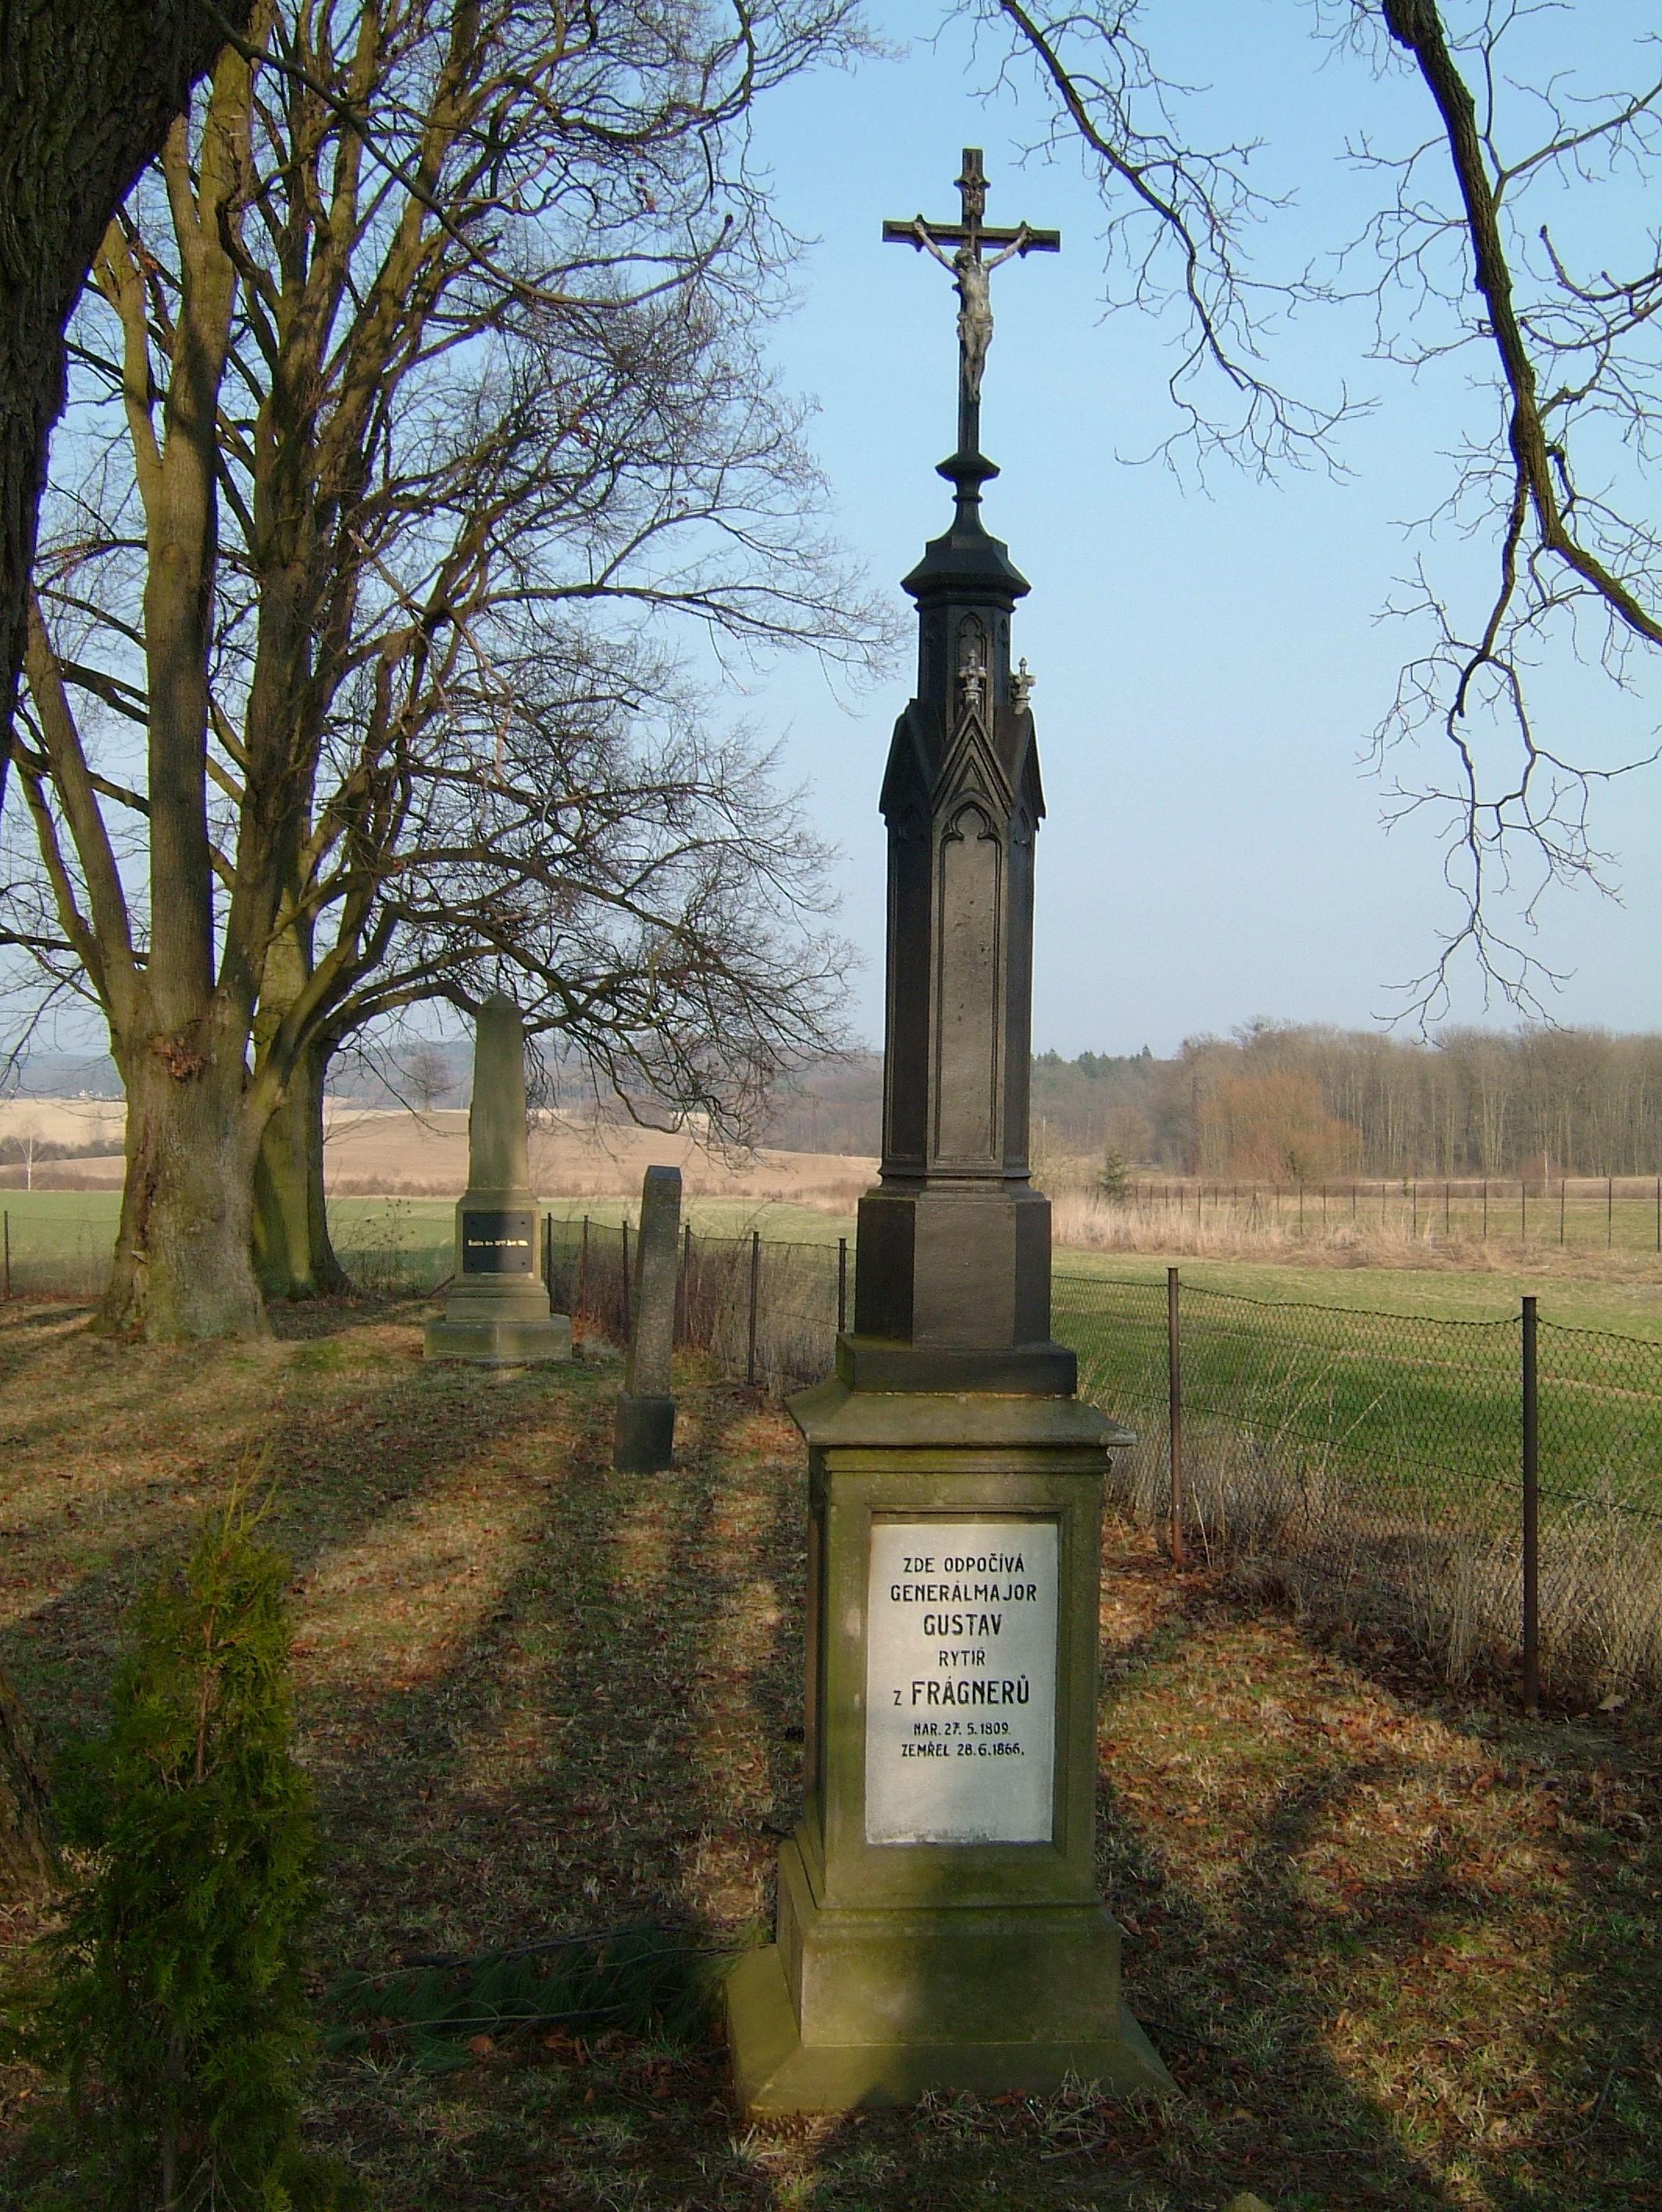 Pomník rakouského generálmajora Gustava von Fragnerna